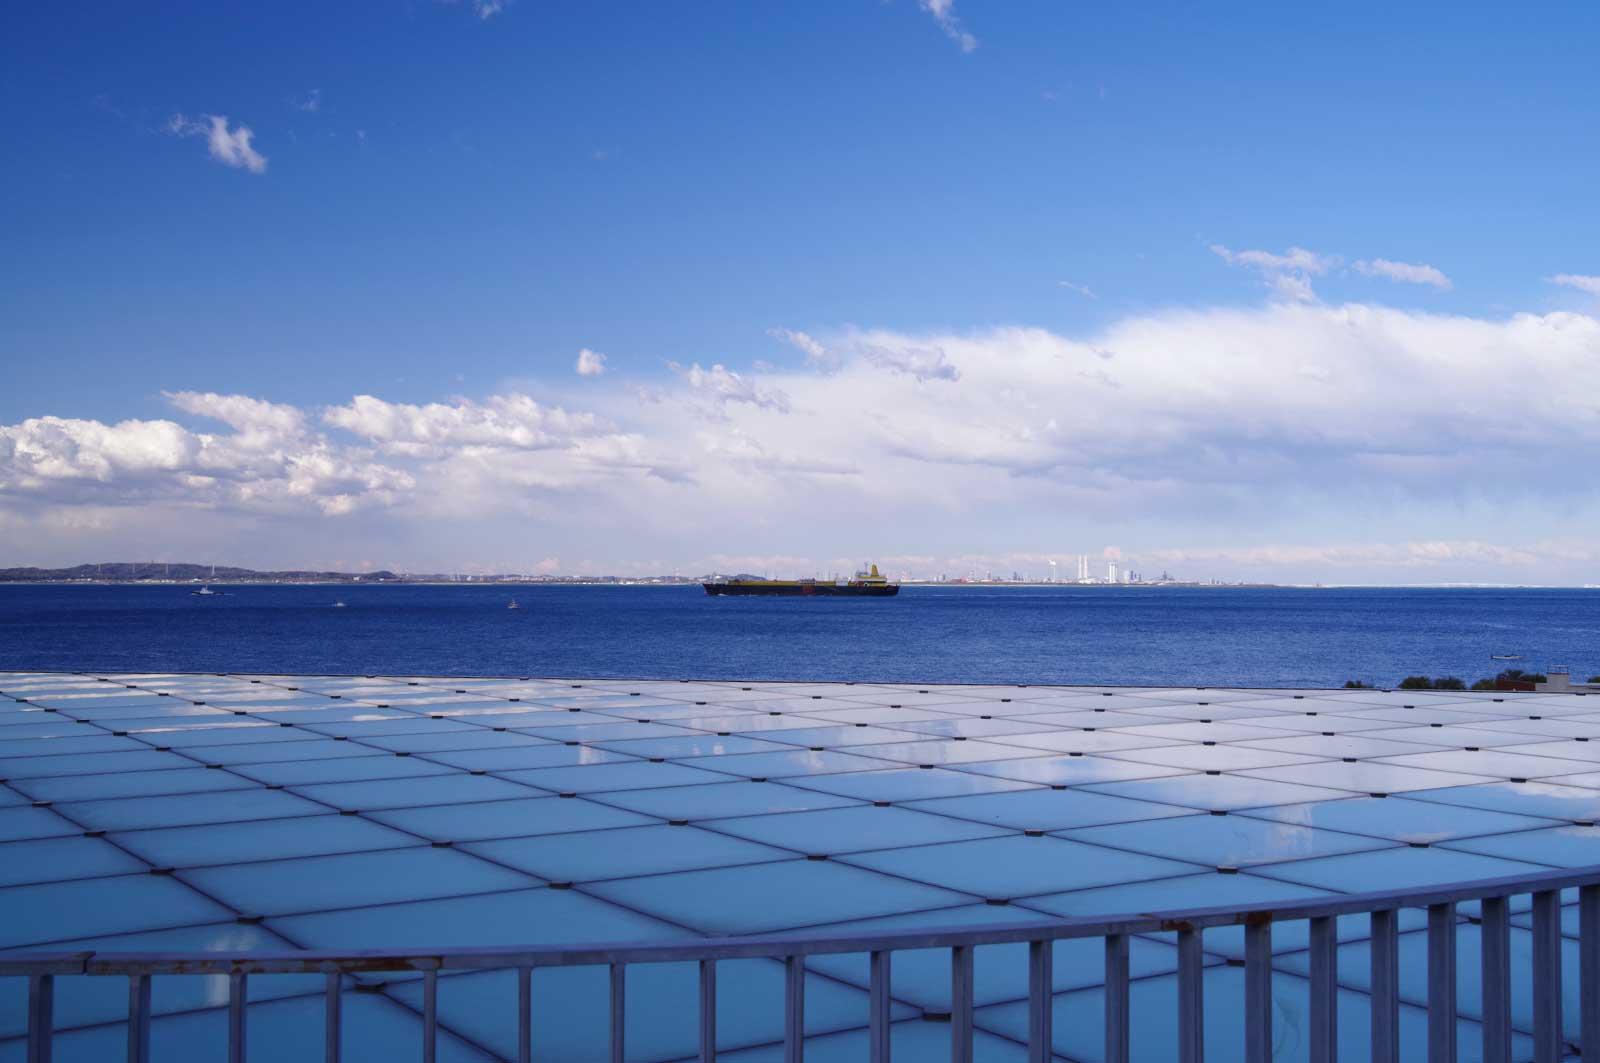 横須賀美術館から見る地平線